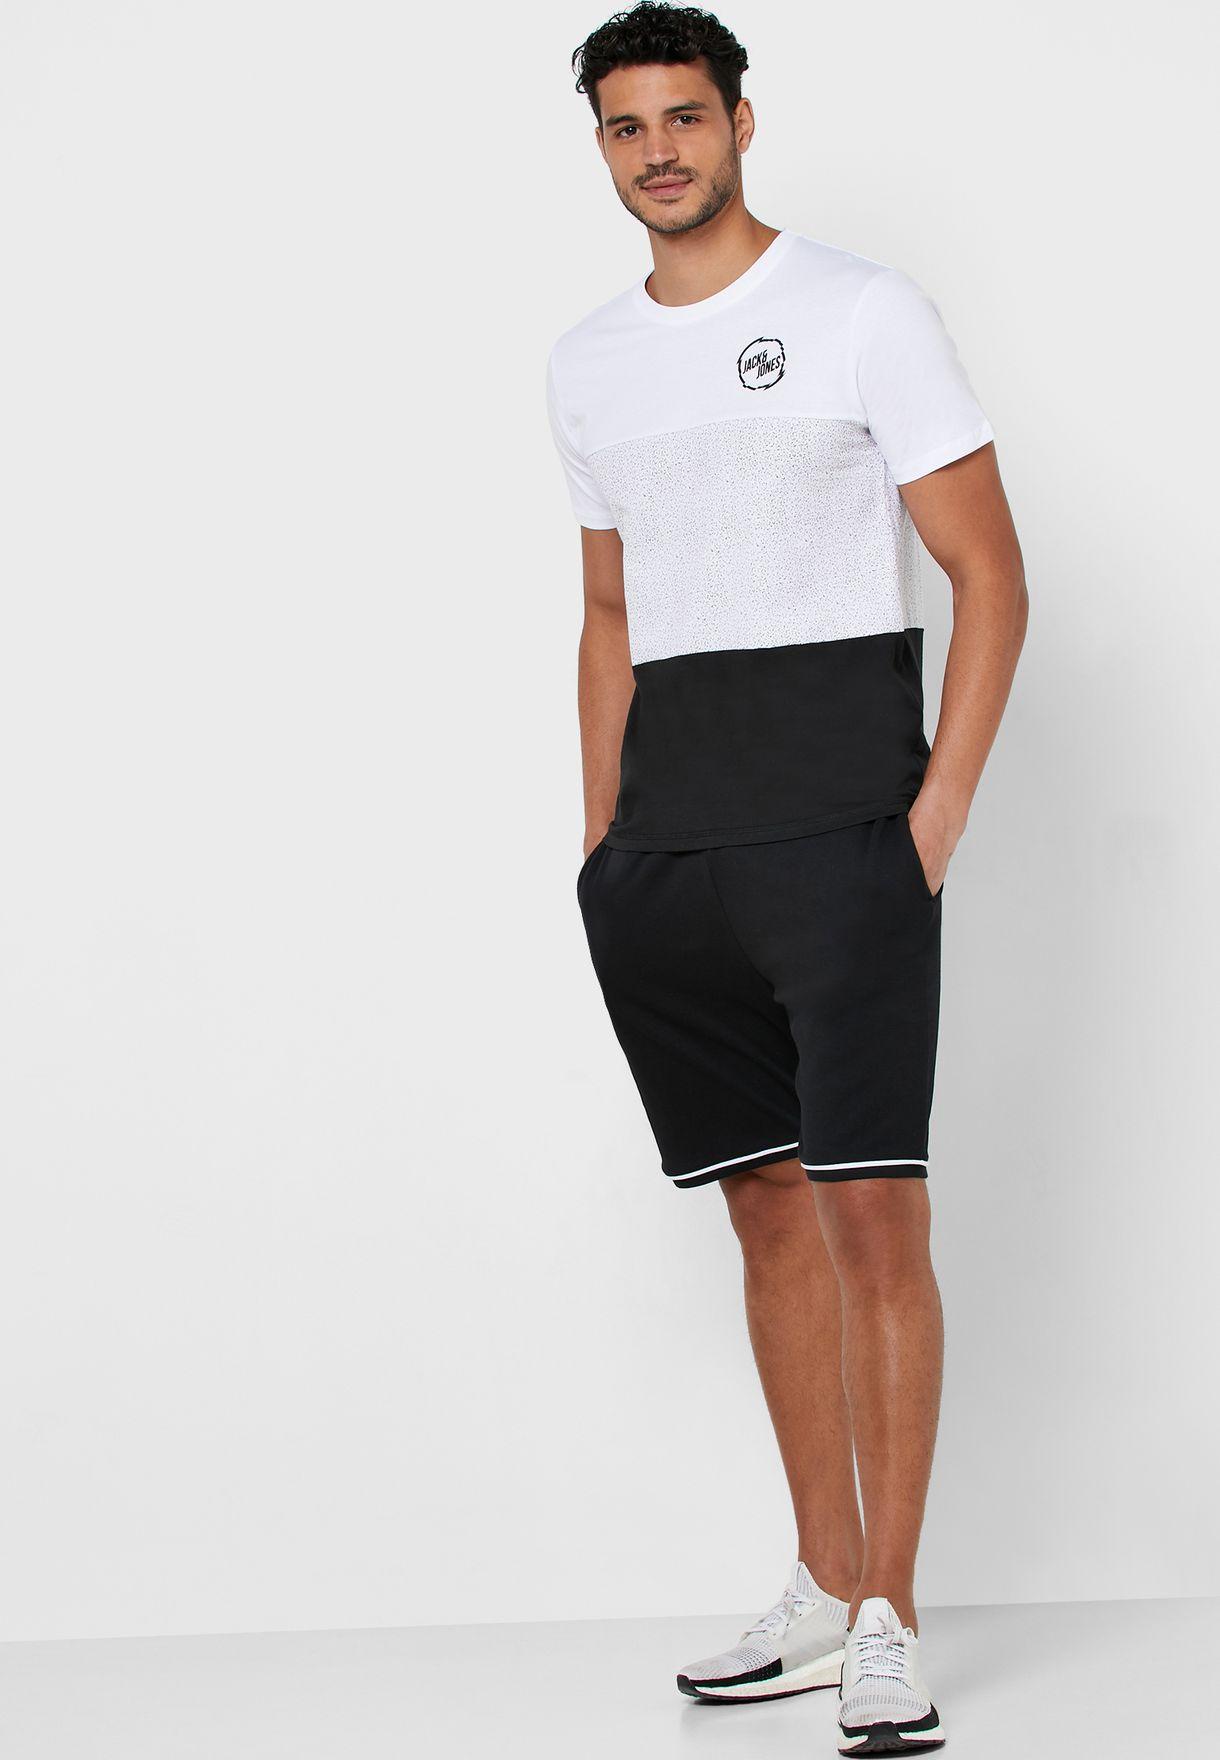 Chamber Regular Fit Crew Neck T-Shirt